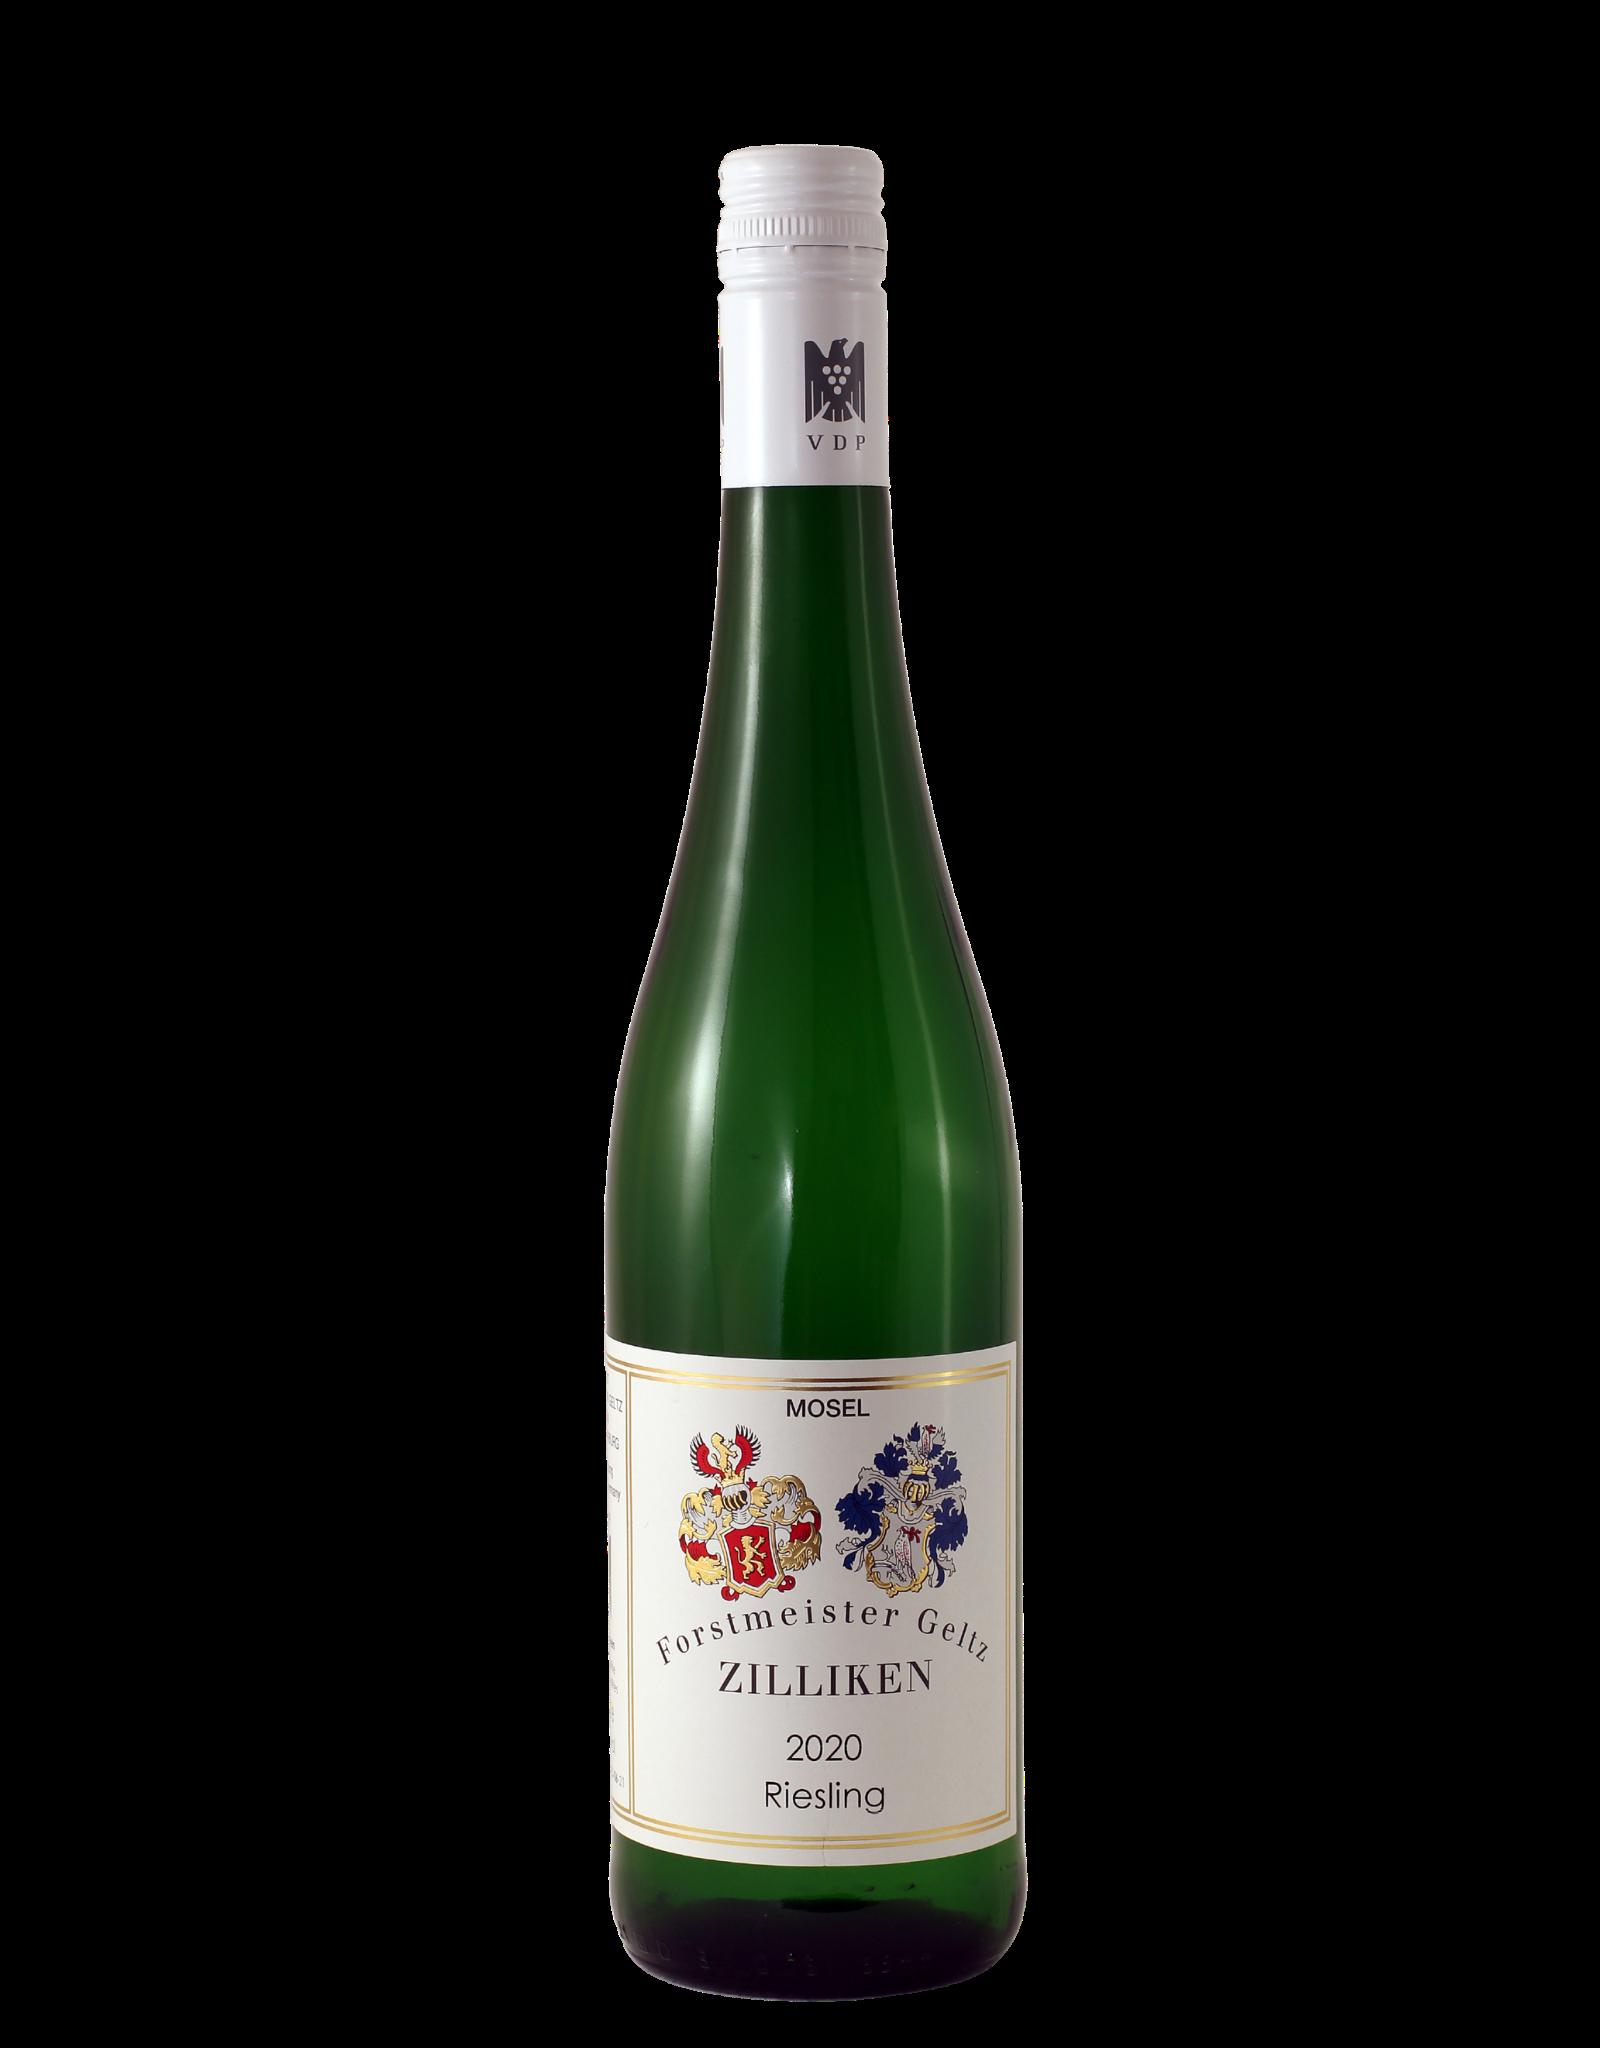 Weingut Forstmeister Geltz Zilliken, Saarburg Zilliken Riesling Fruchtig 2020 (halfzoet)